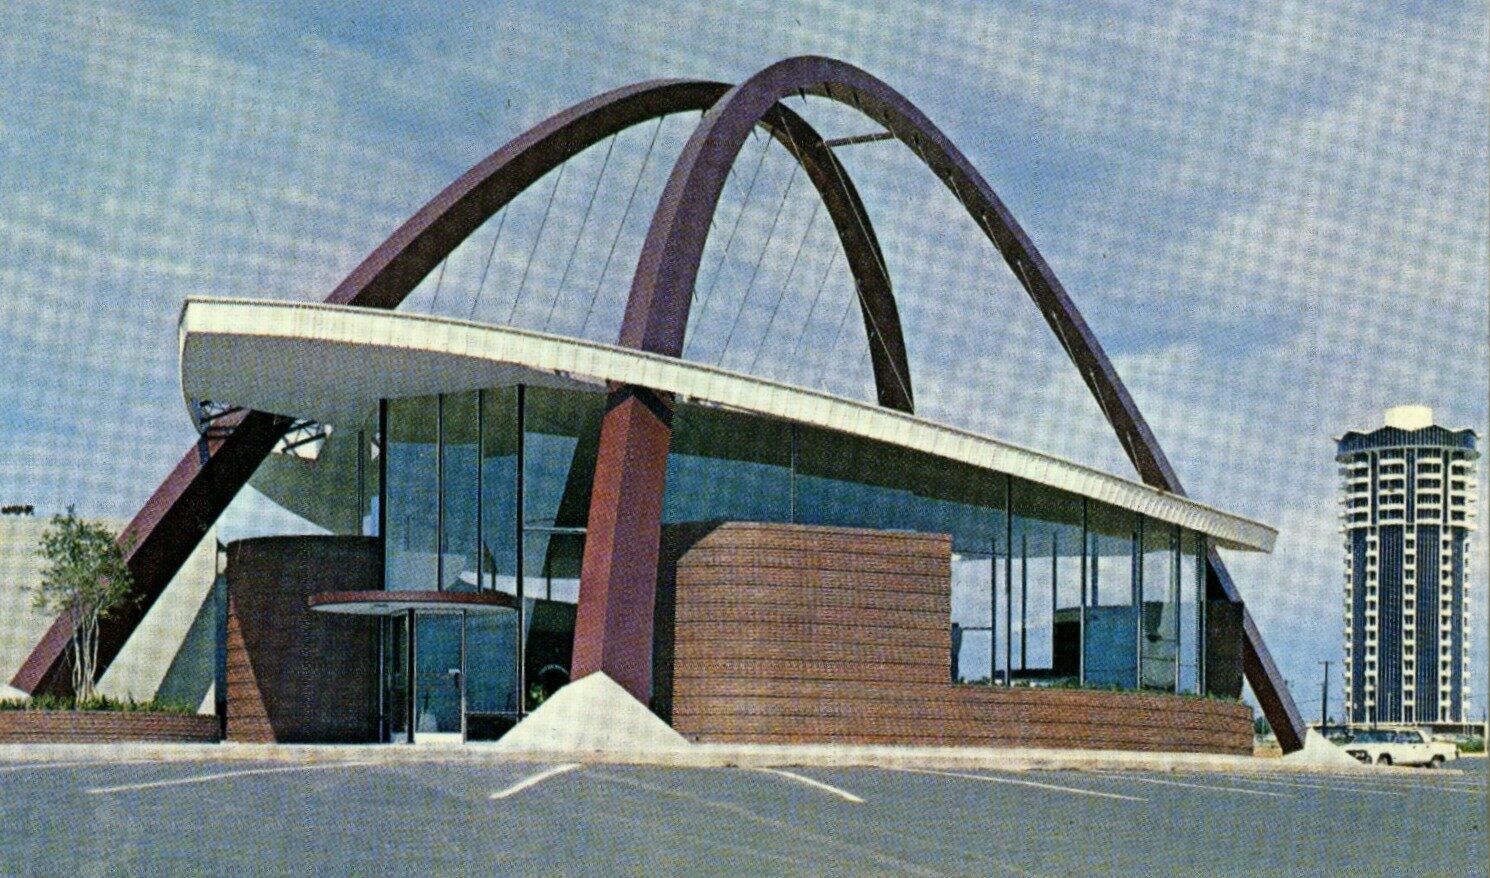 Oklahoma City - 1963